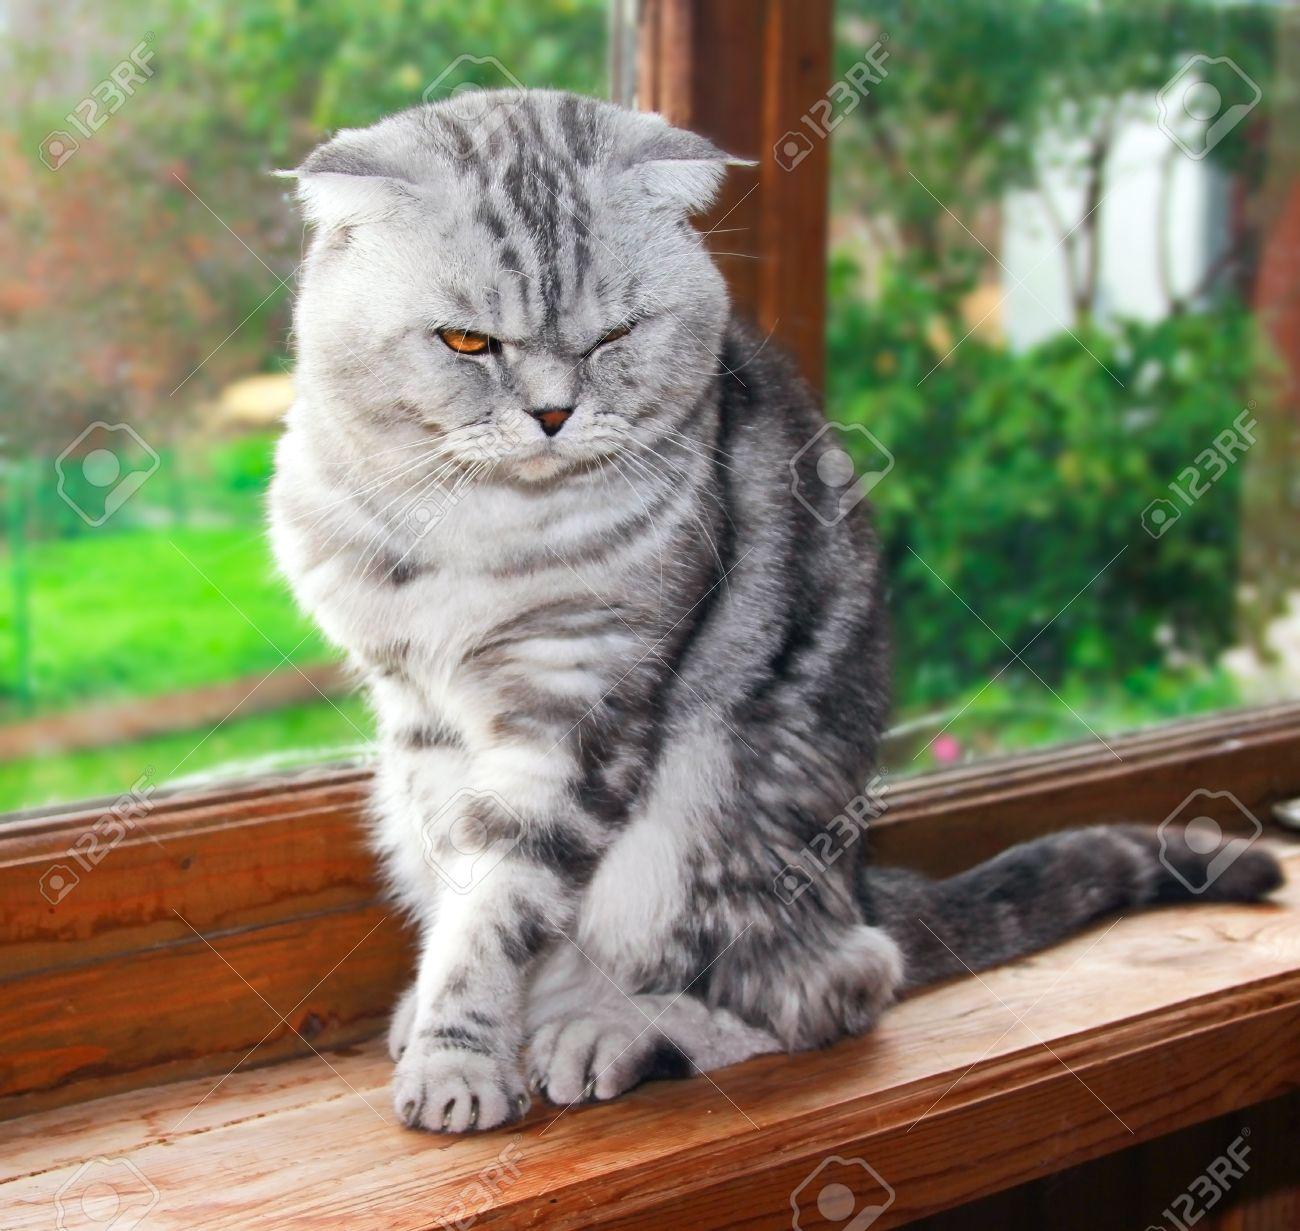 El británico de orejas caídas piel de tigre gris gato está sentado en el alféizar de